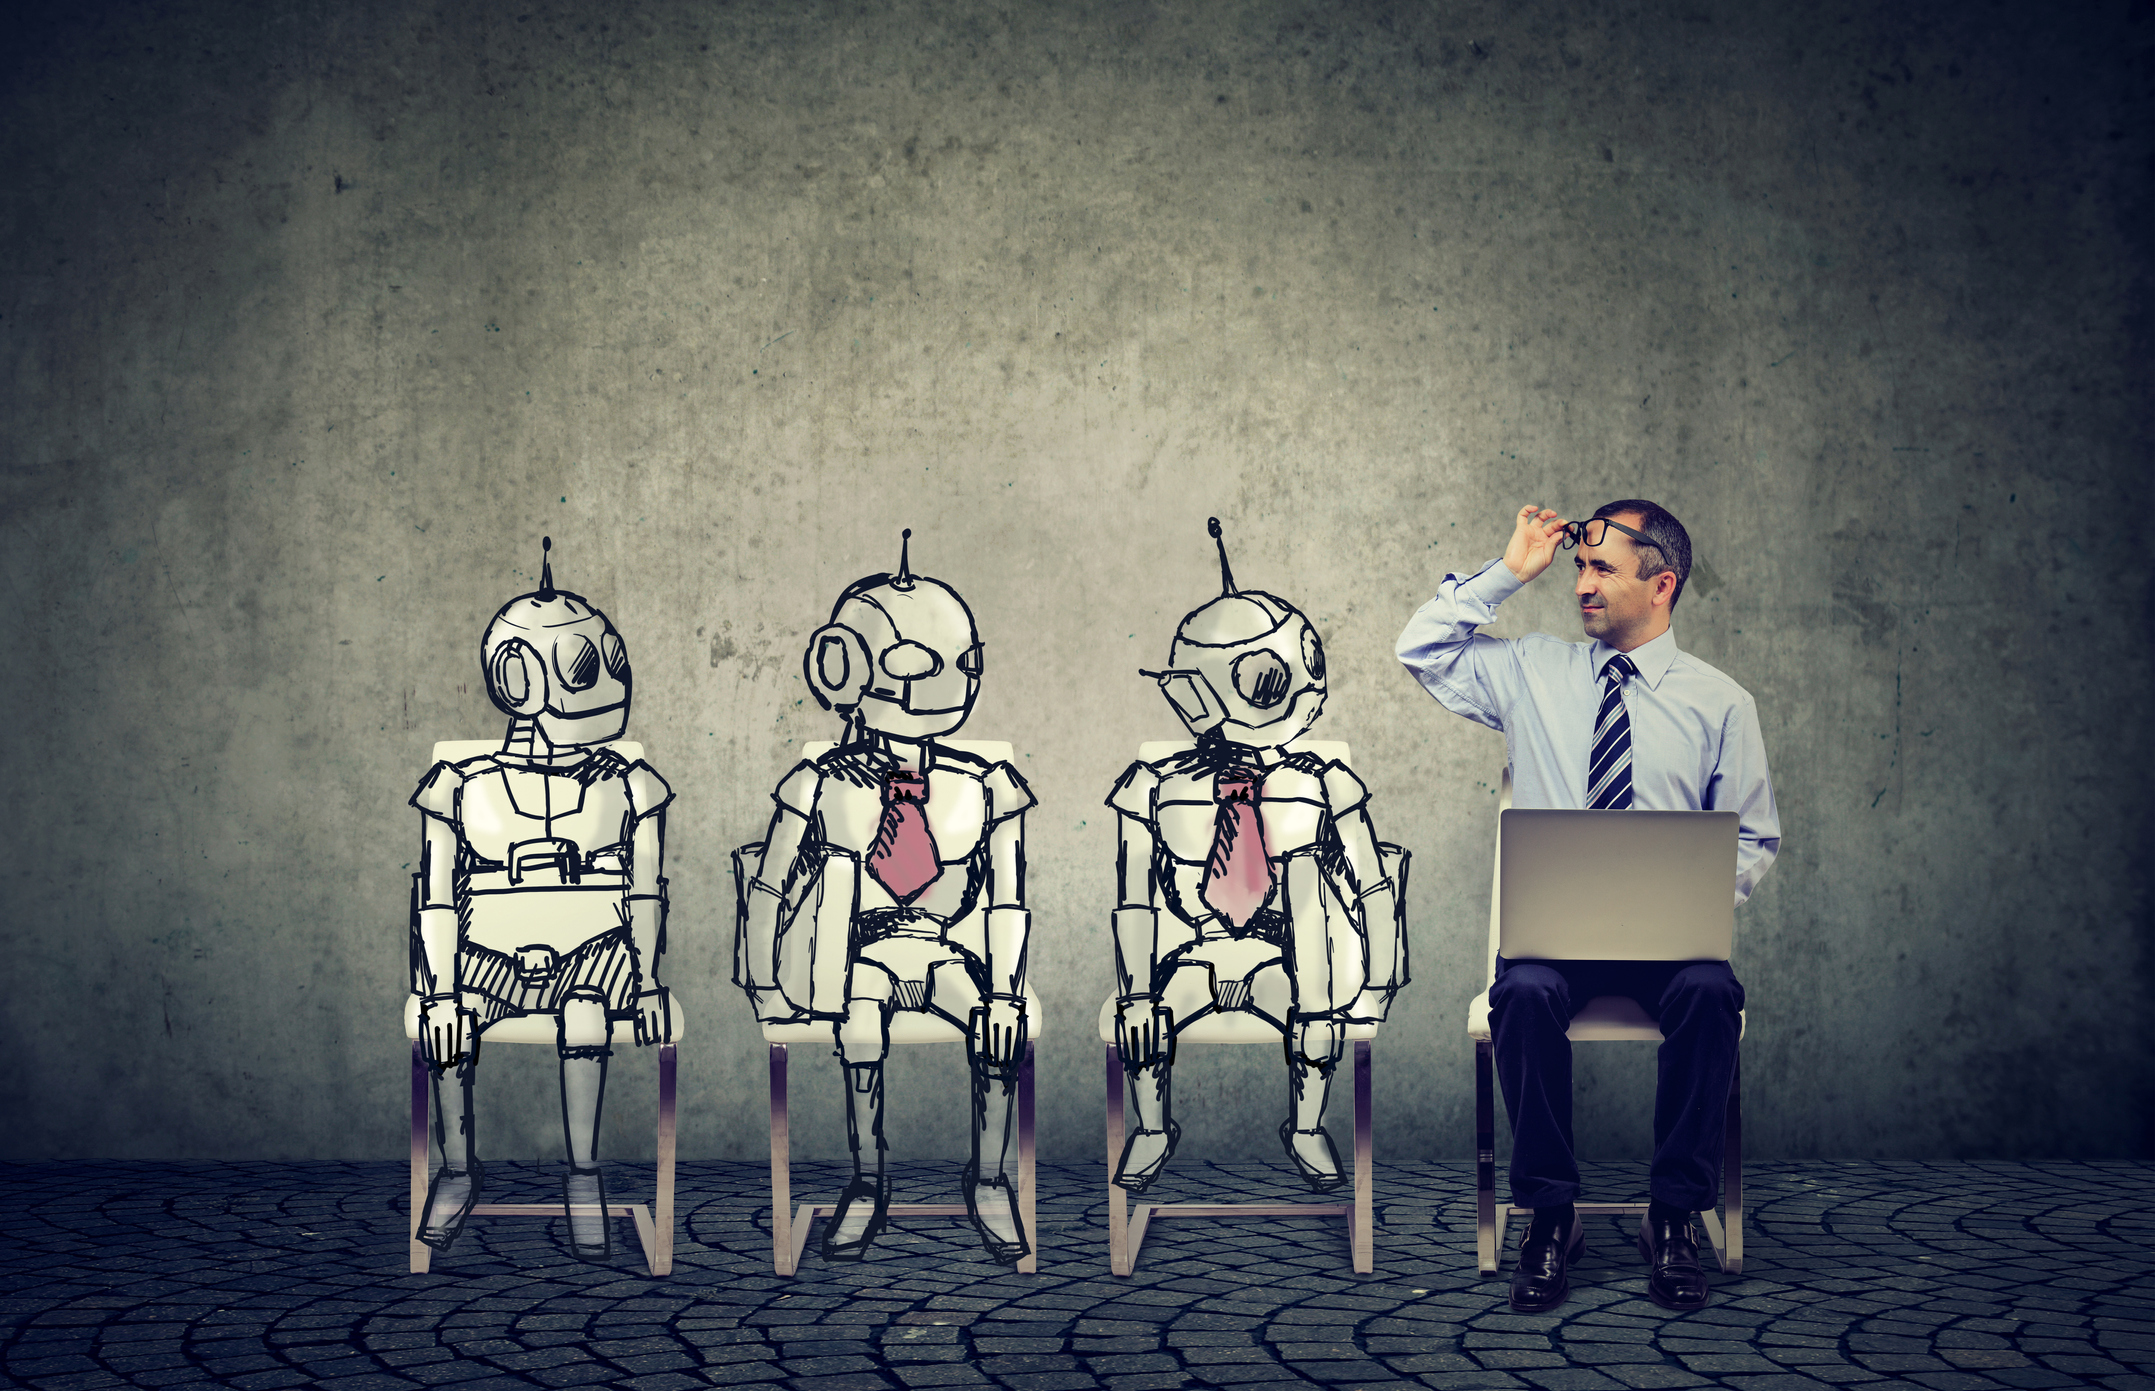 Avoiding the 'Robocalypse' - CFO